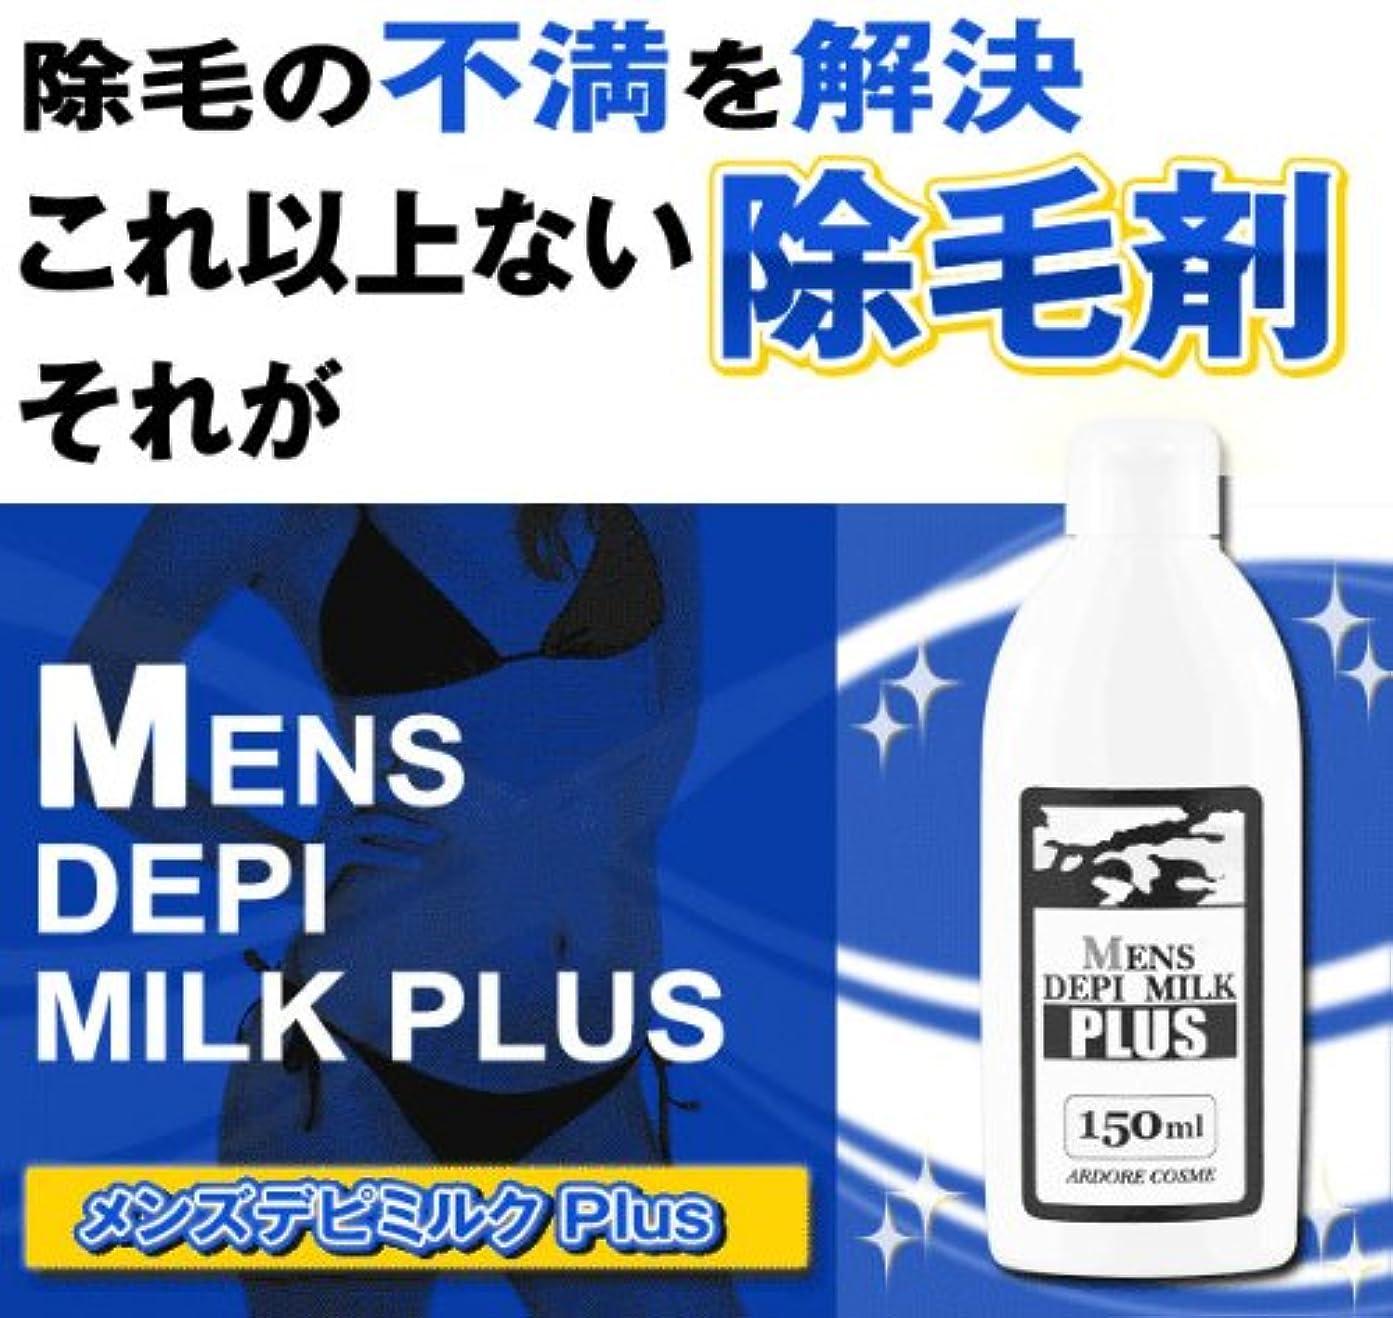 薬用メンズデピミルクプラス 150ml(薬用除毛クリーム)医薬部外品